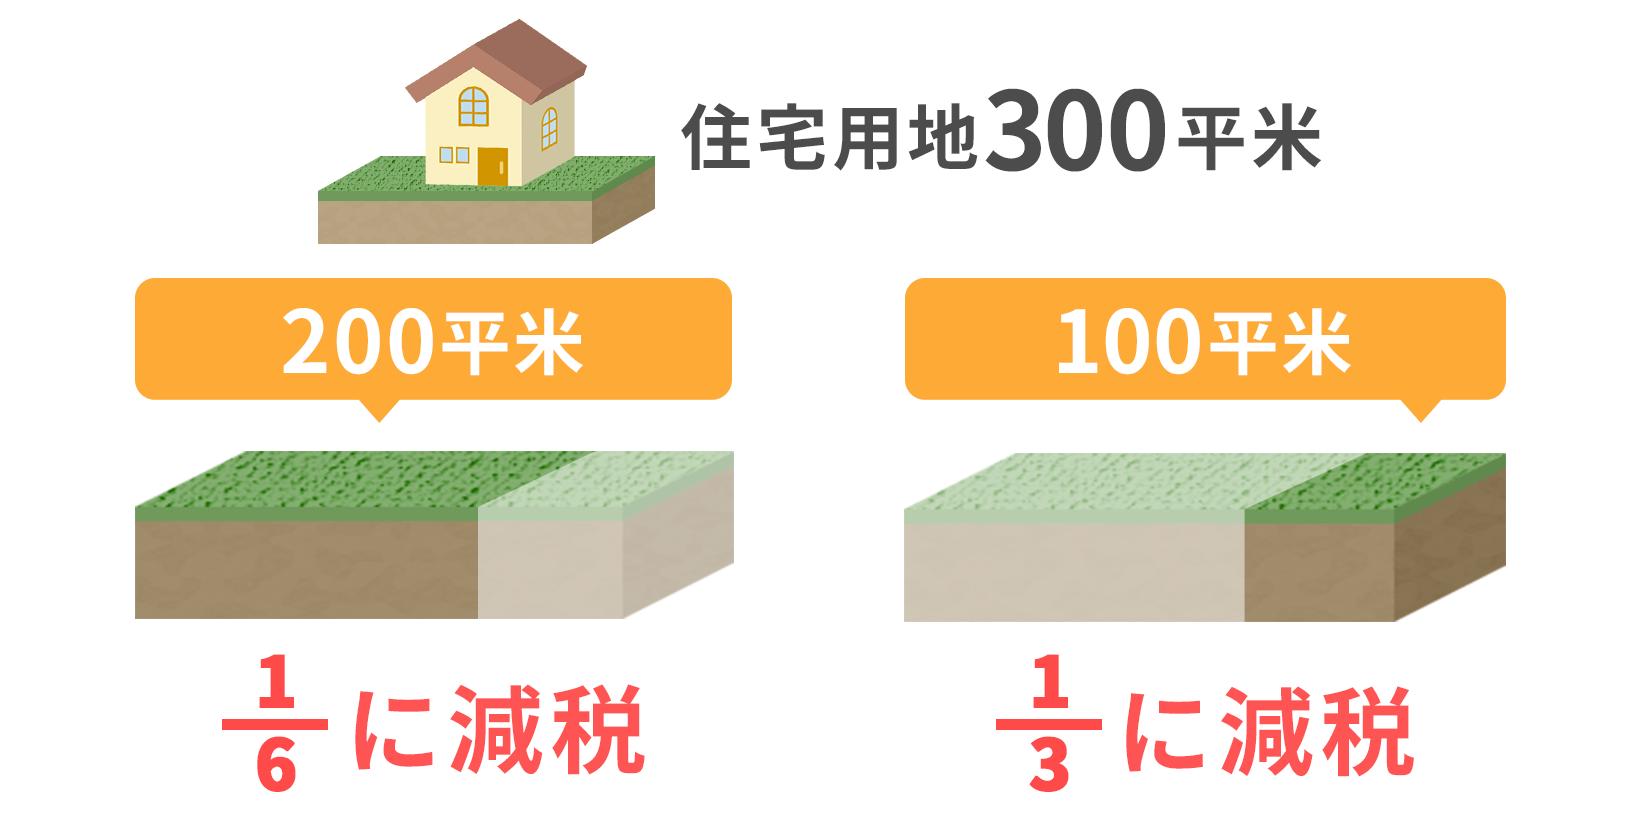 200平米以下の部分は固定資産税が1/6、200平米を超えた部分は1/3